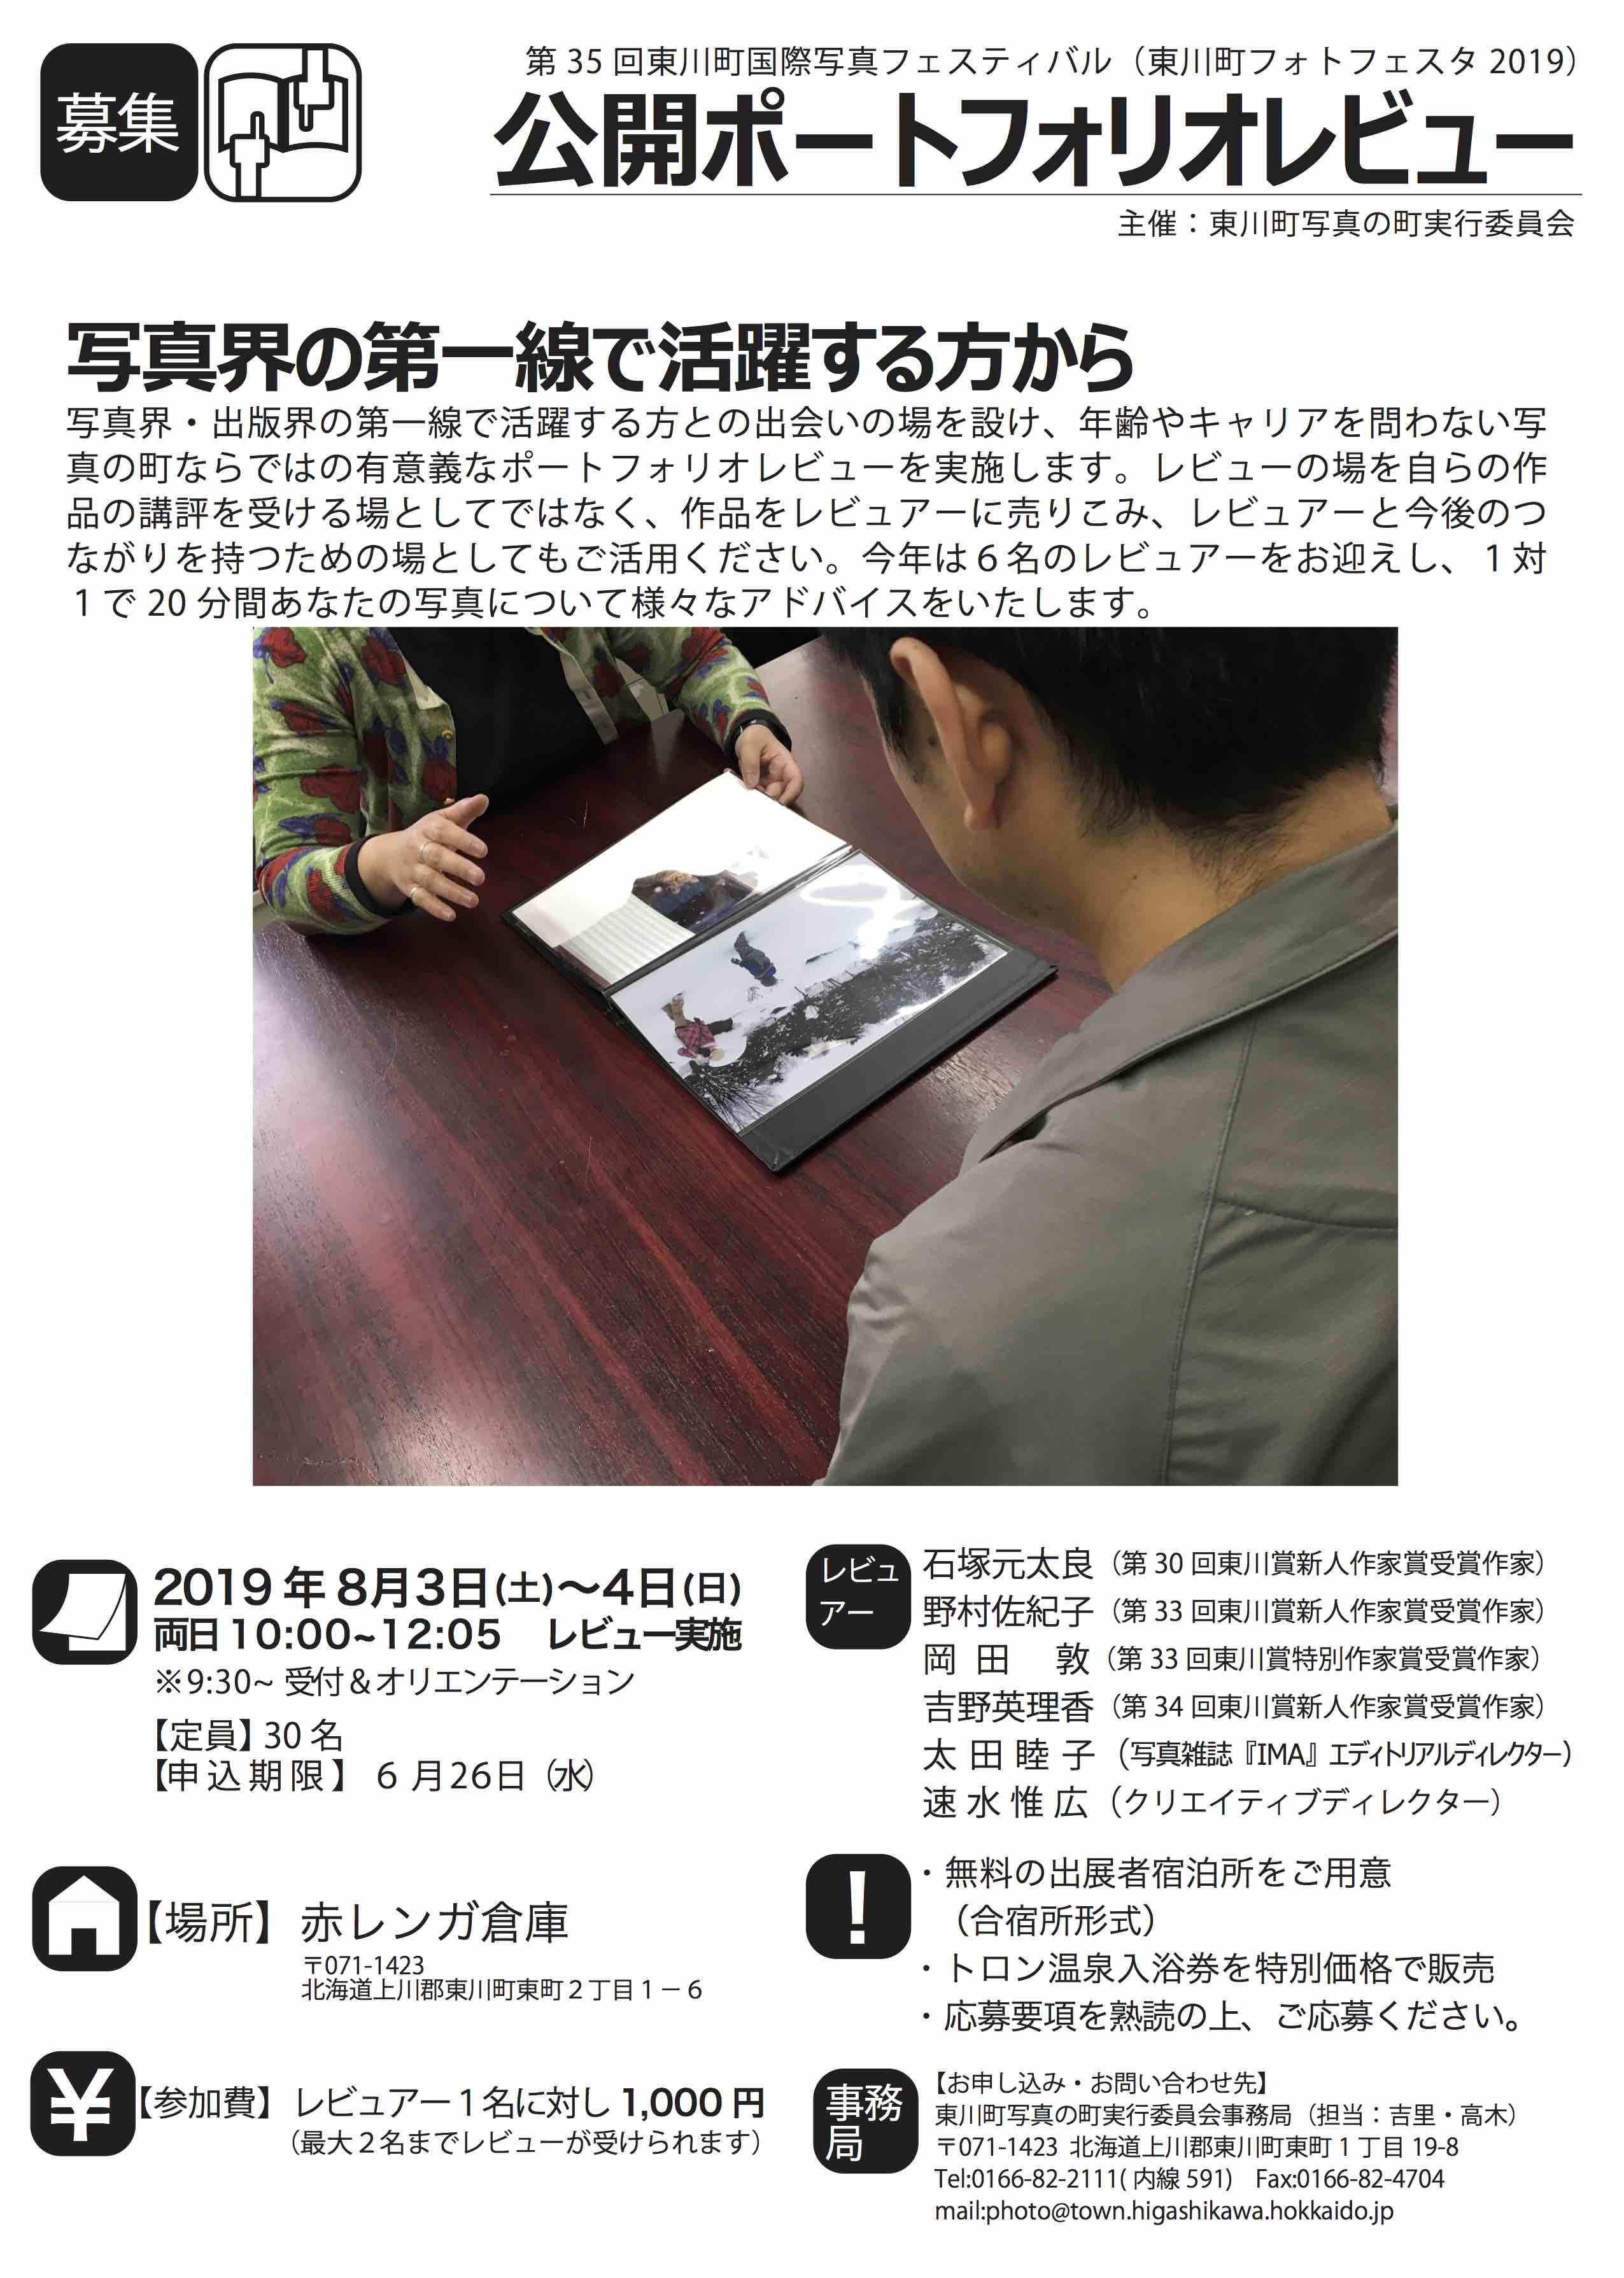 【お知らせ】公開ポートフォリオレビュー参加者募集_b0187229_09422323.jpg